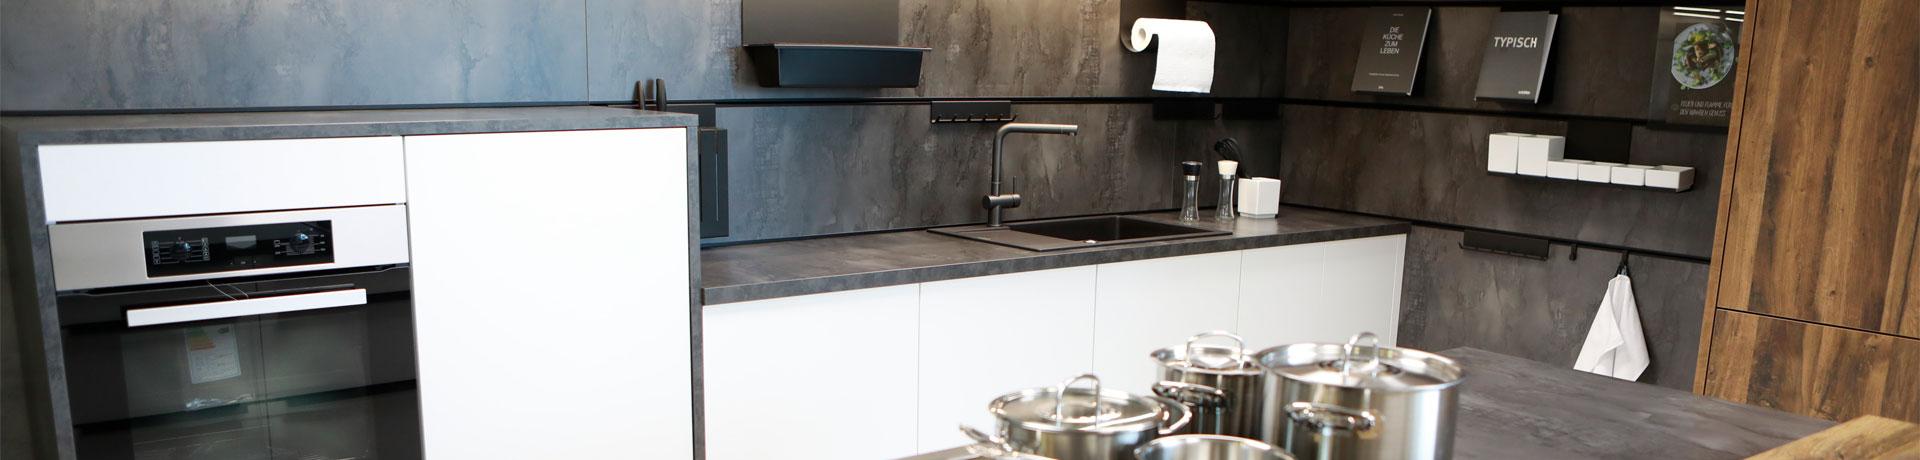 Elegante Küche aus der m+t Möbelausstellung